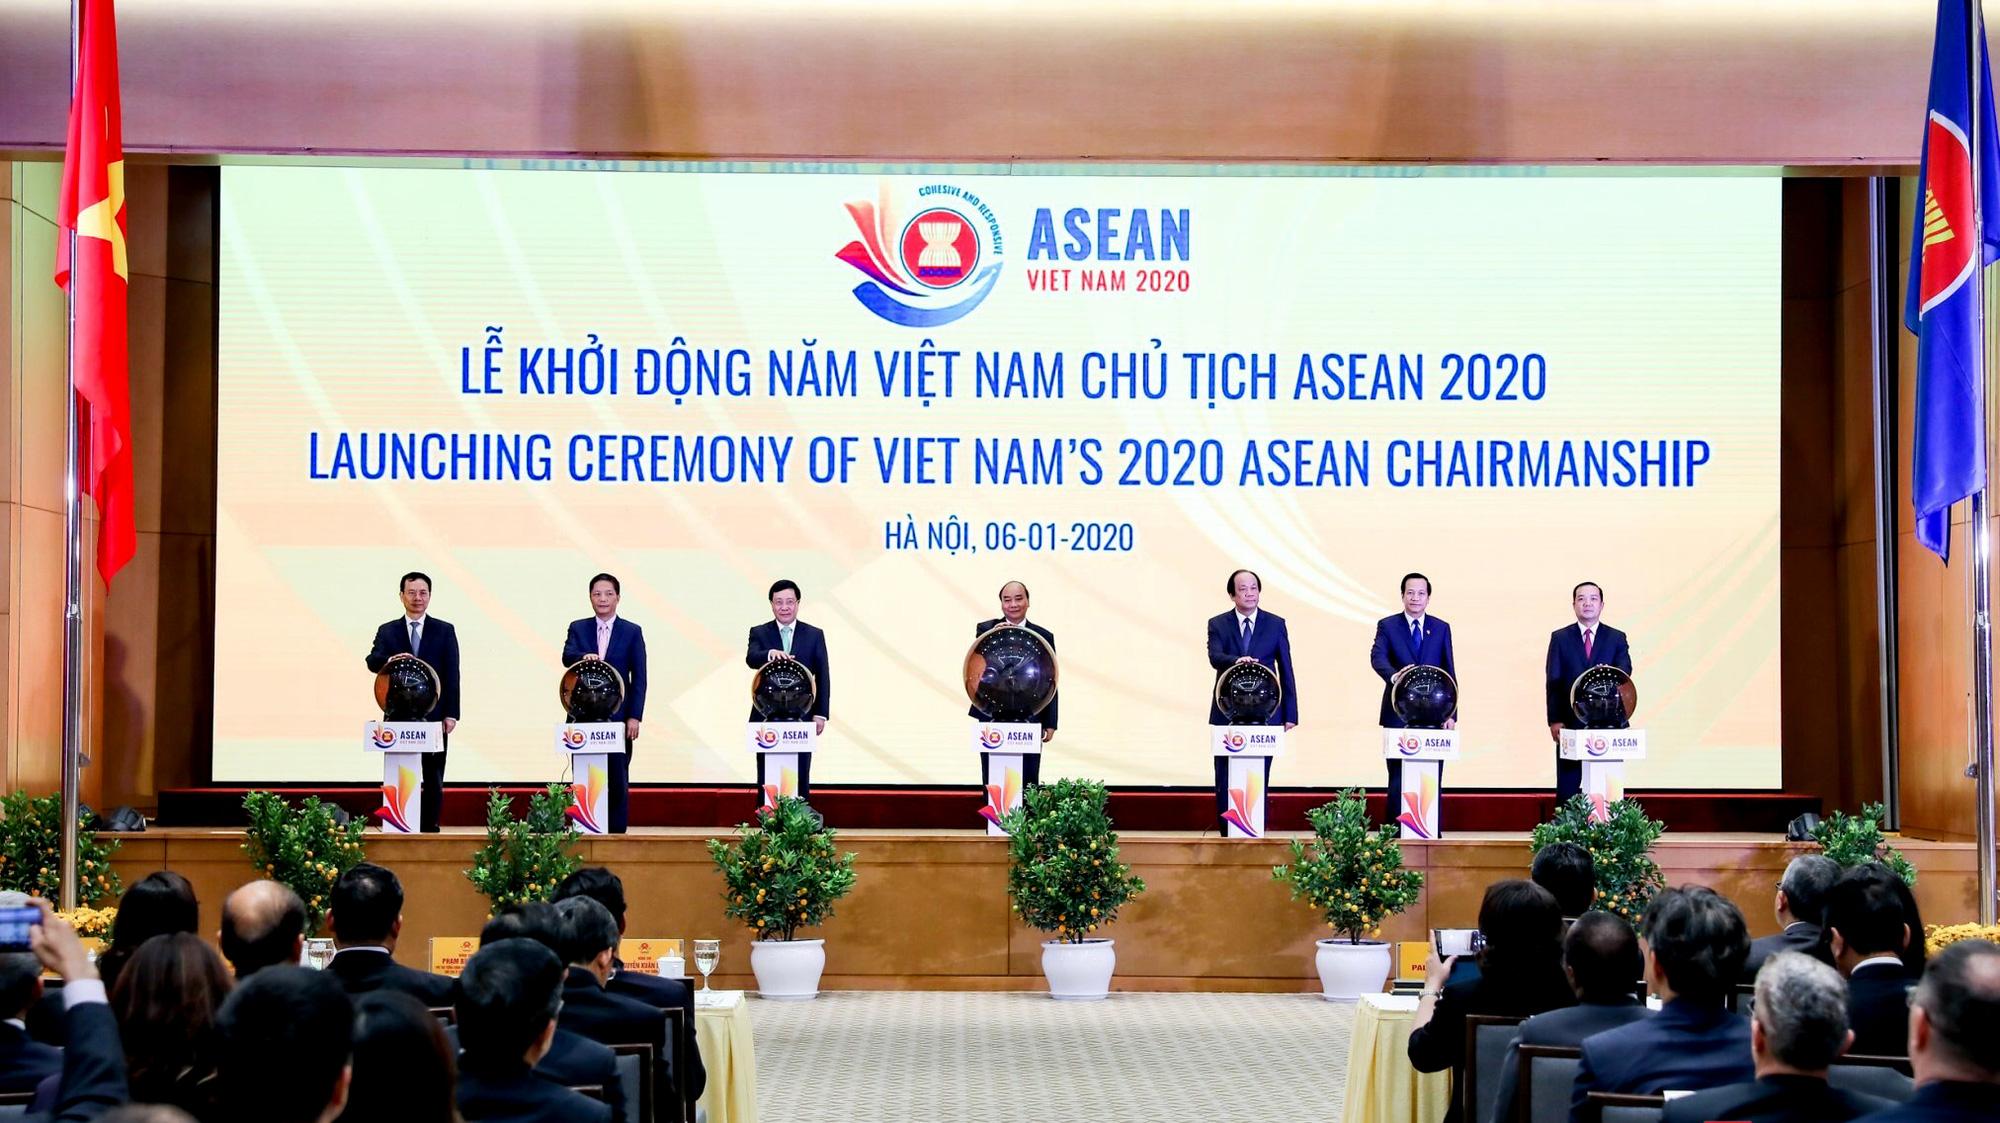 Lễ Khởi động Năm Chủ tịch ASEAN 2020 - Ảnh 1.